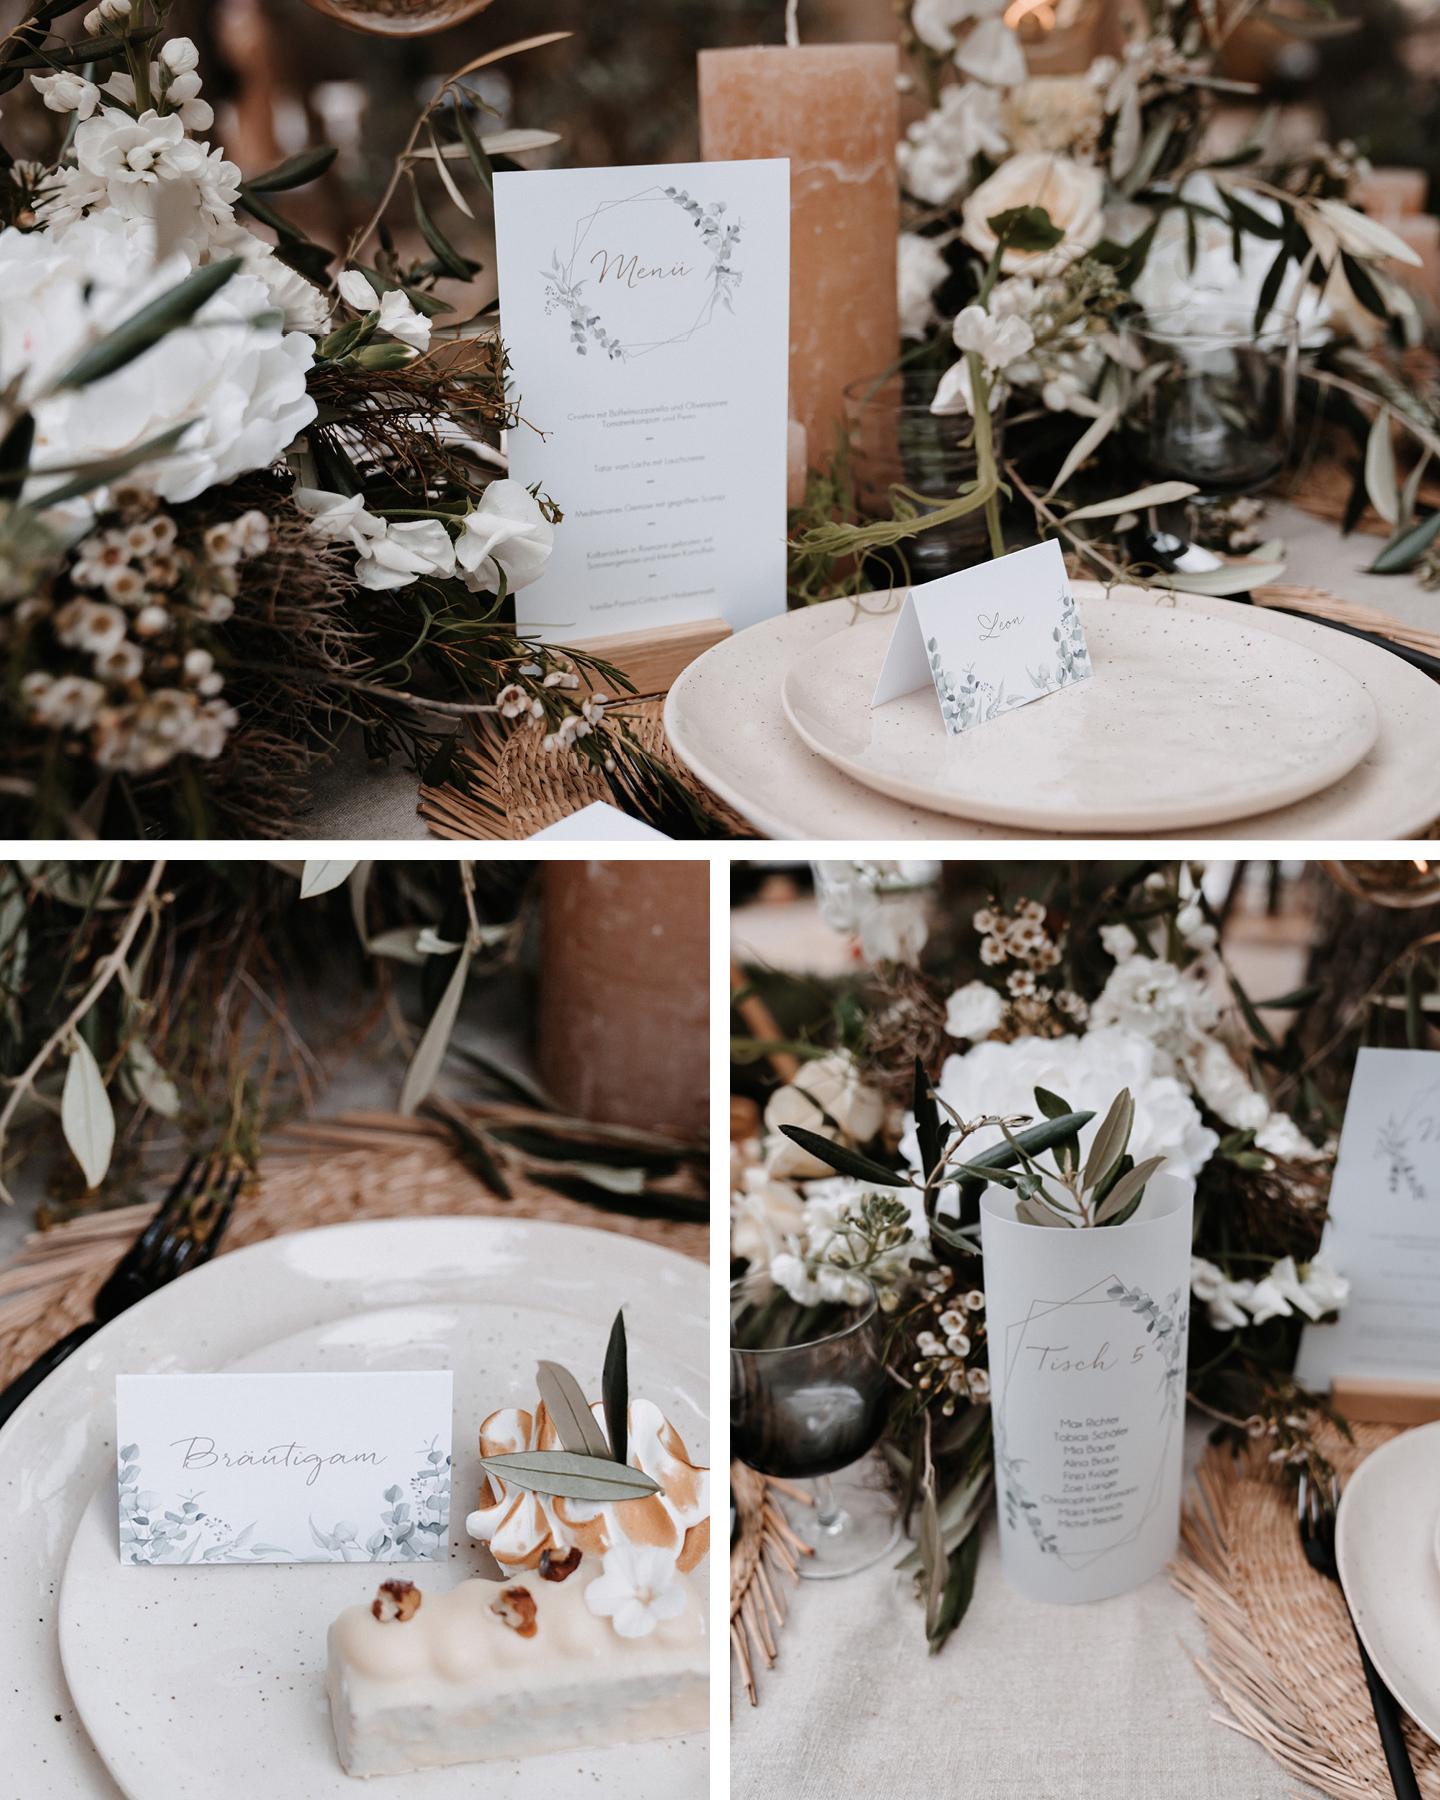 Menükarte, Tischkarte, Namenskarte mit Eukalyptus Illustrationen stehen auf der im Boho Greenery Stil dekorierten Hochzeitstafel.